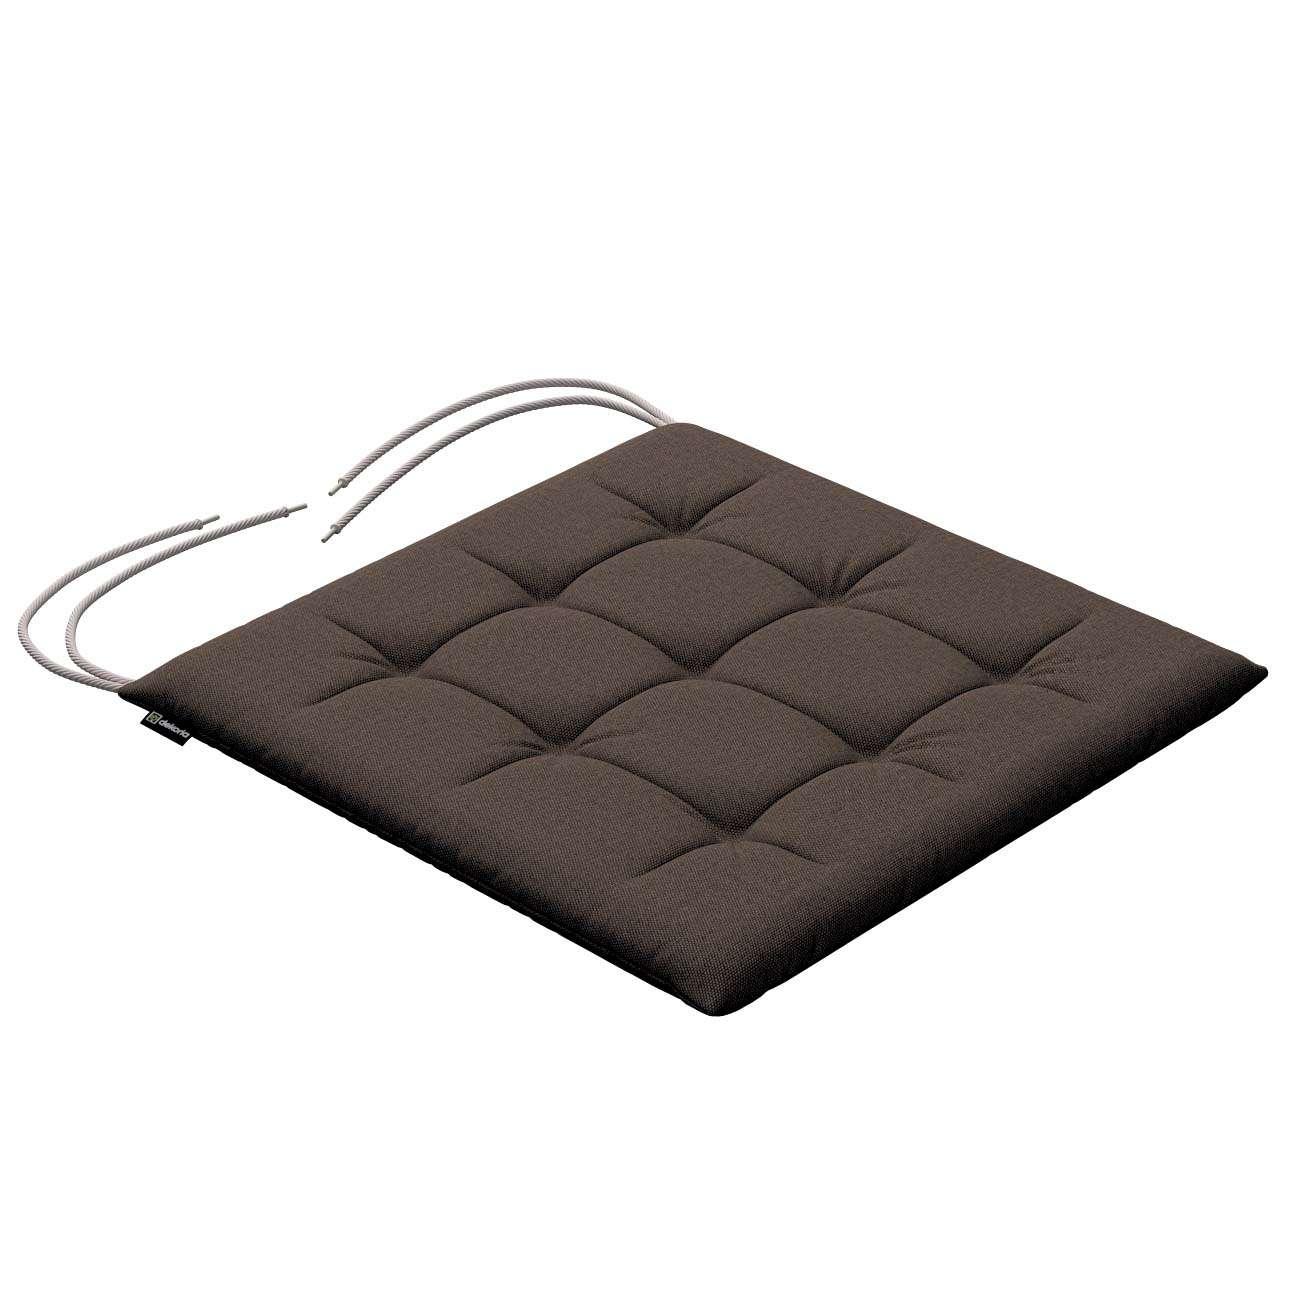 Siedzisko Karol na krzesło 40x40x3,5cm w kolekcji Etna , tkanina: 705-08